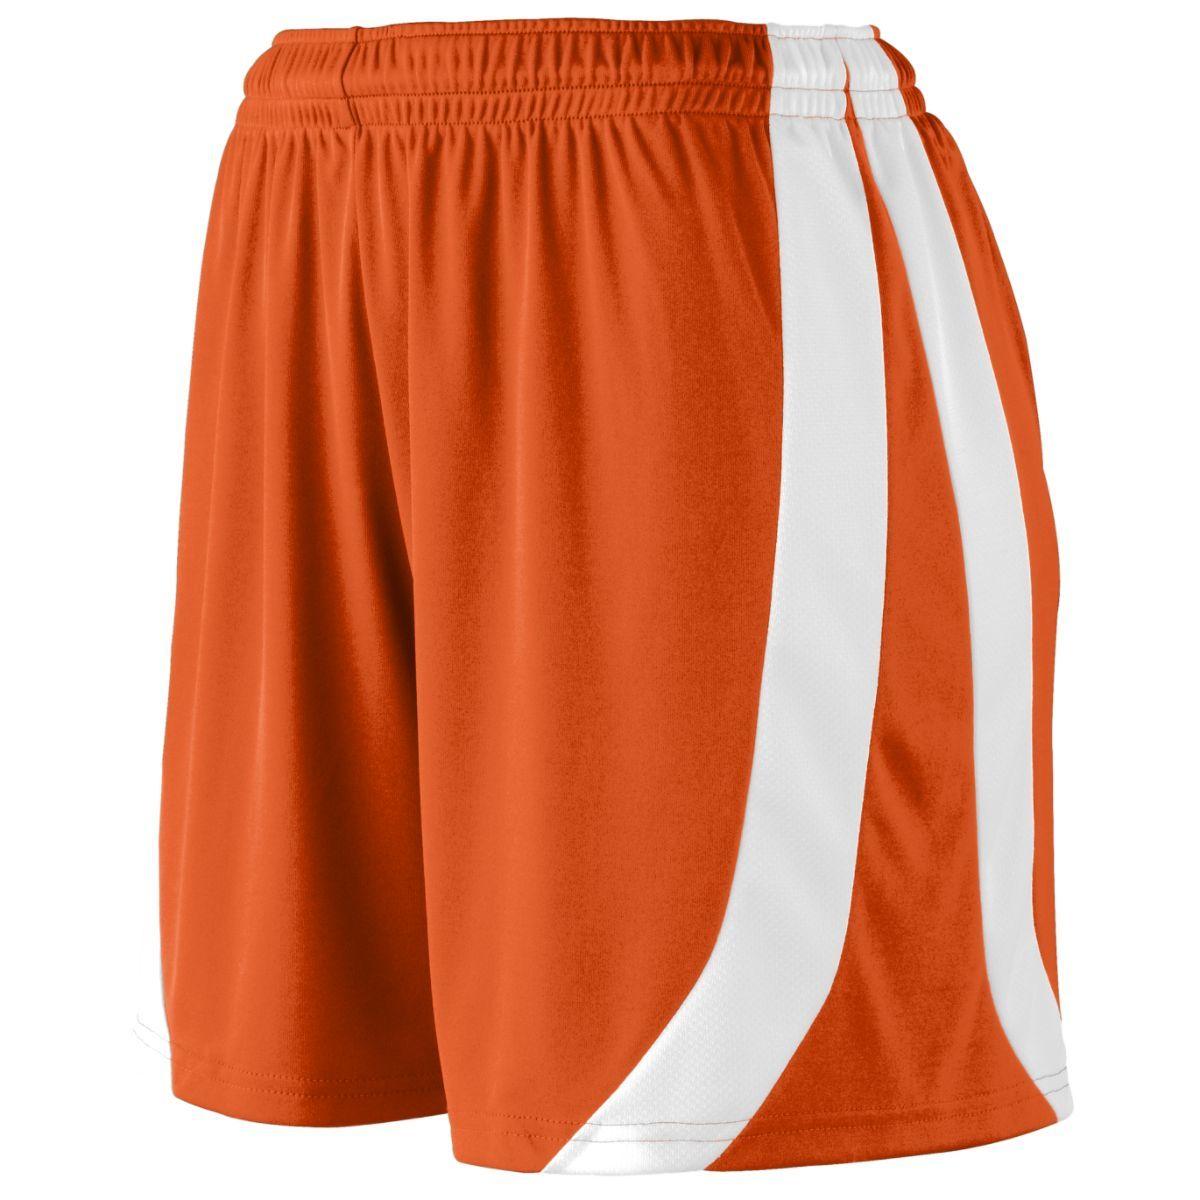 Ladies Triumph Shorts - ORANGE/WHITE